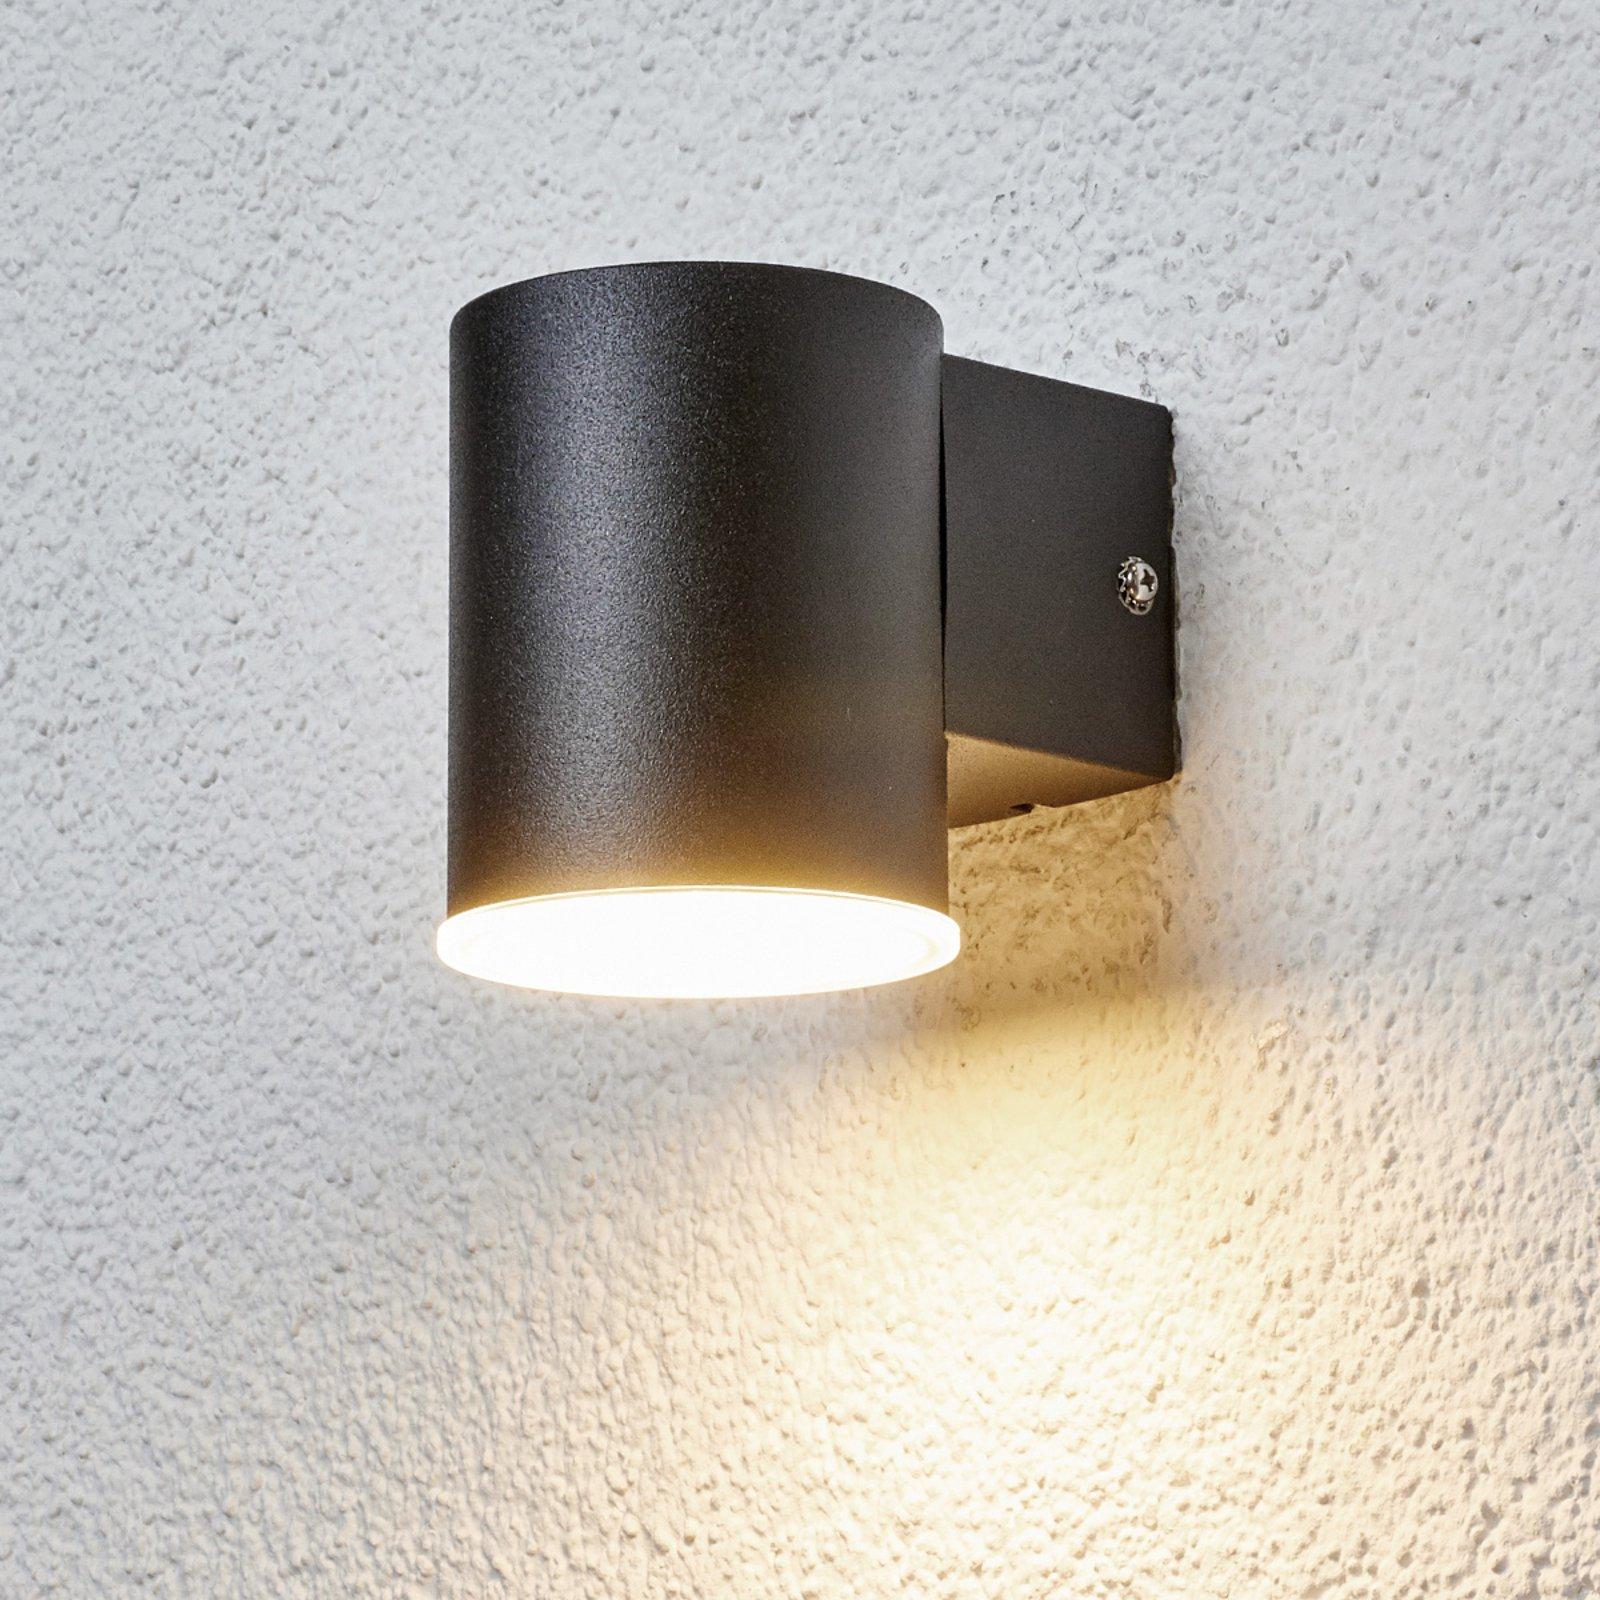 Slank LED-utevegglampe Morena i svart